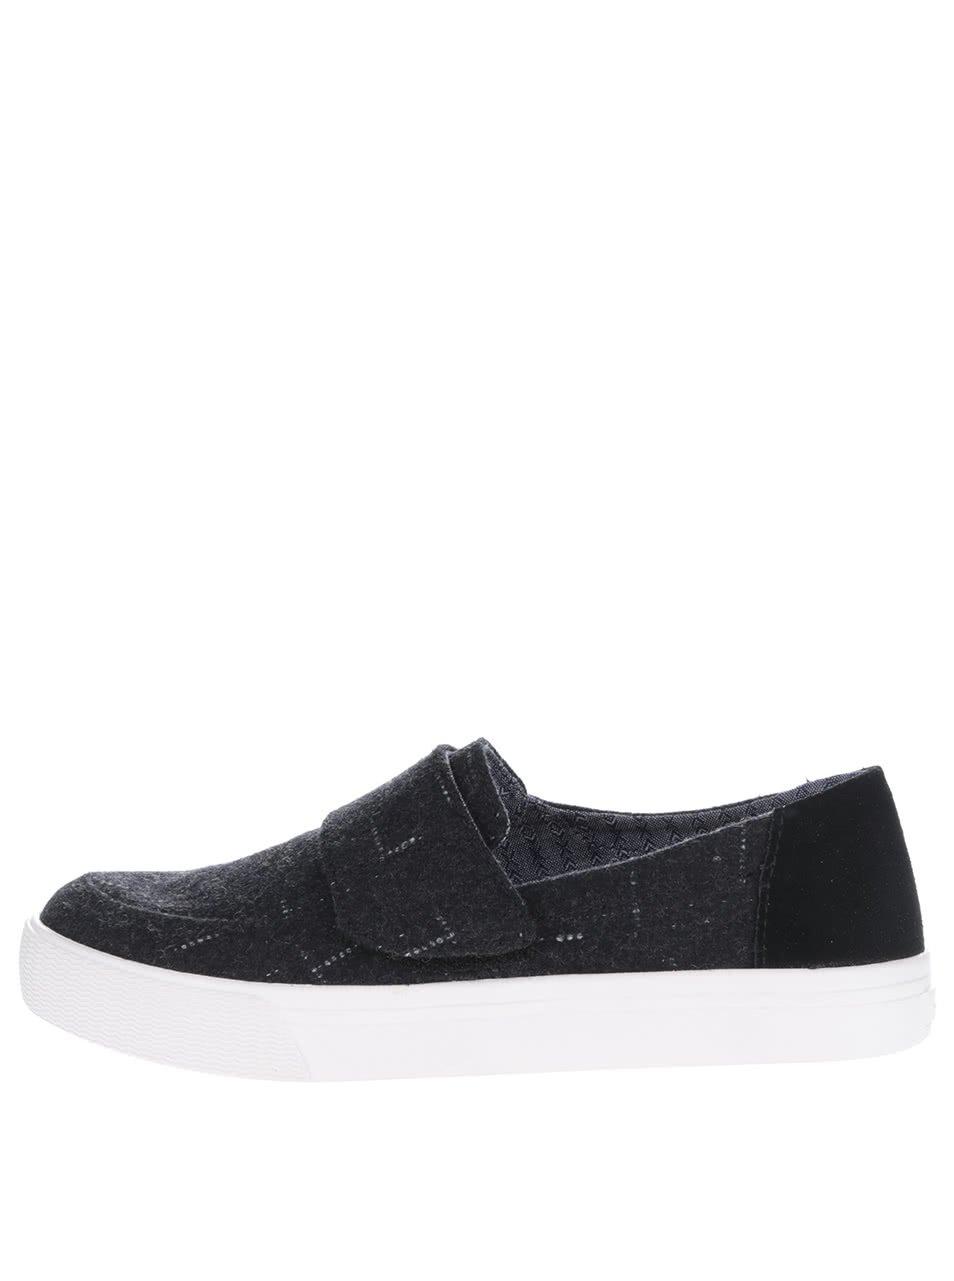 Černé dámské boty Toms